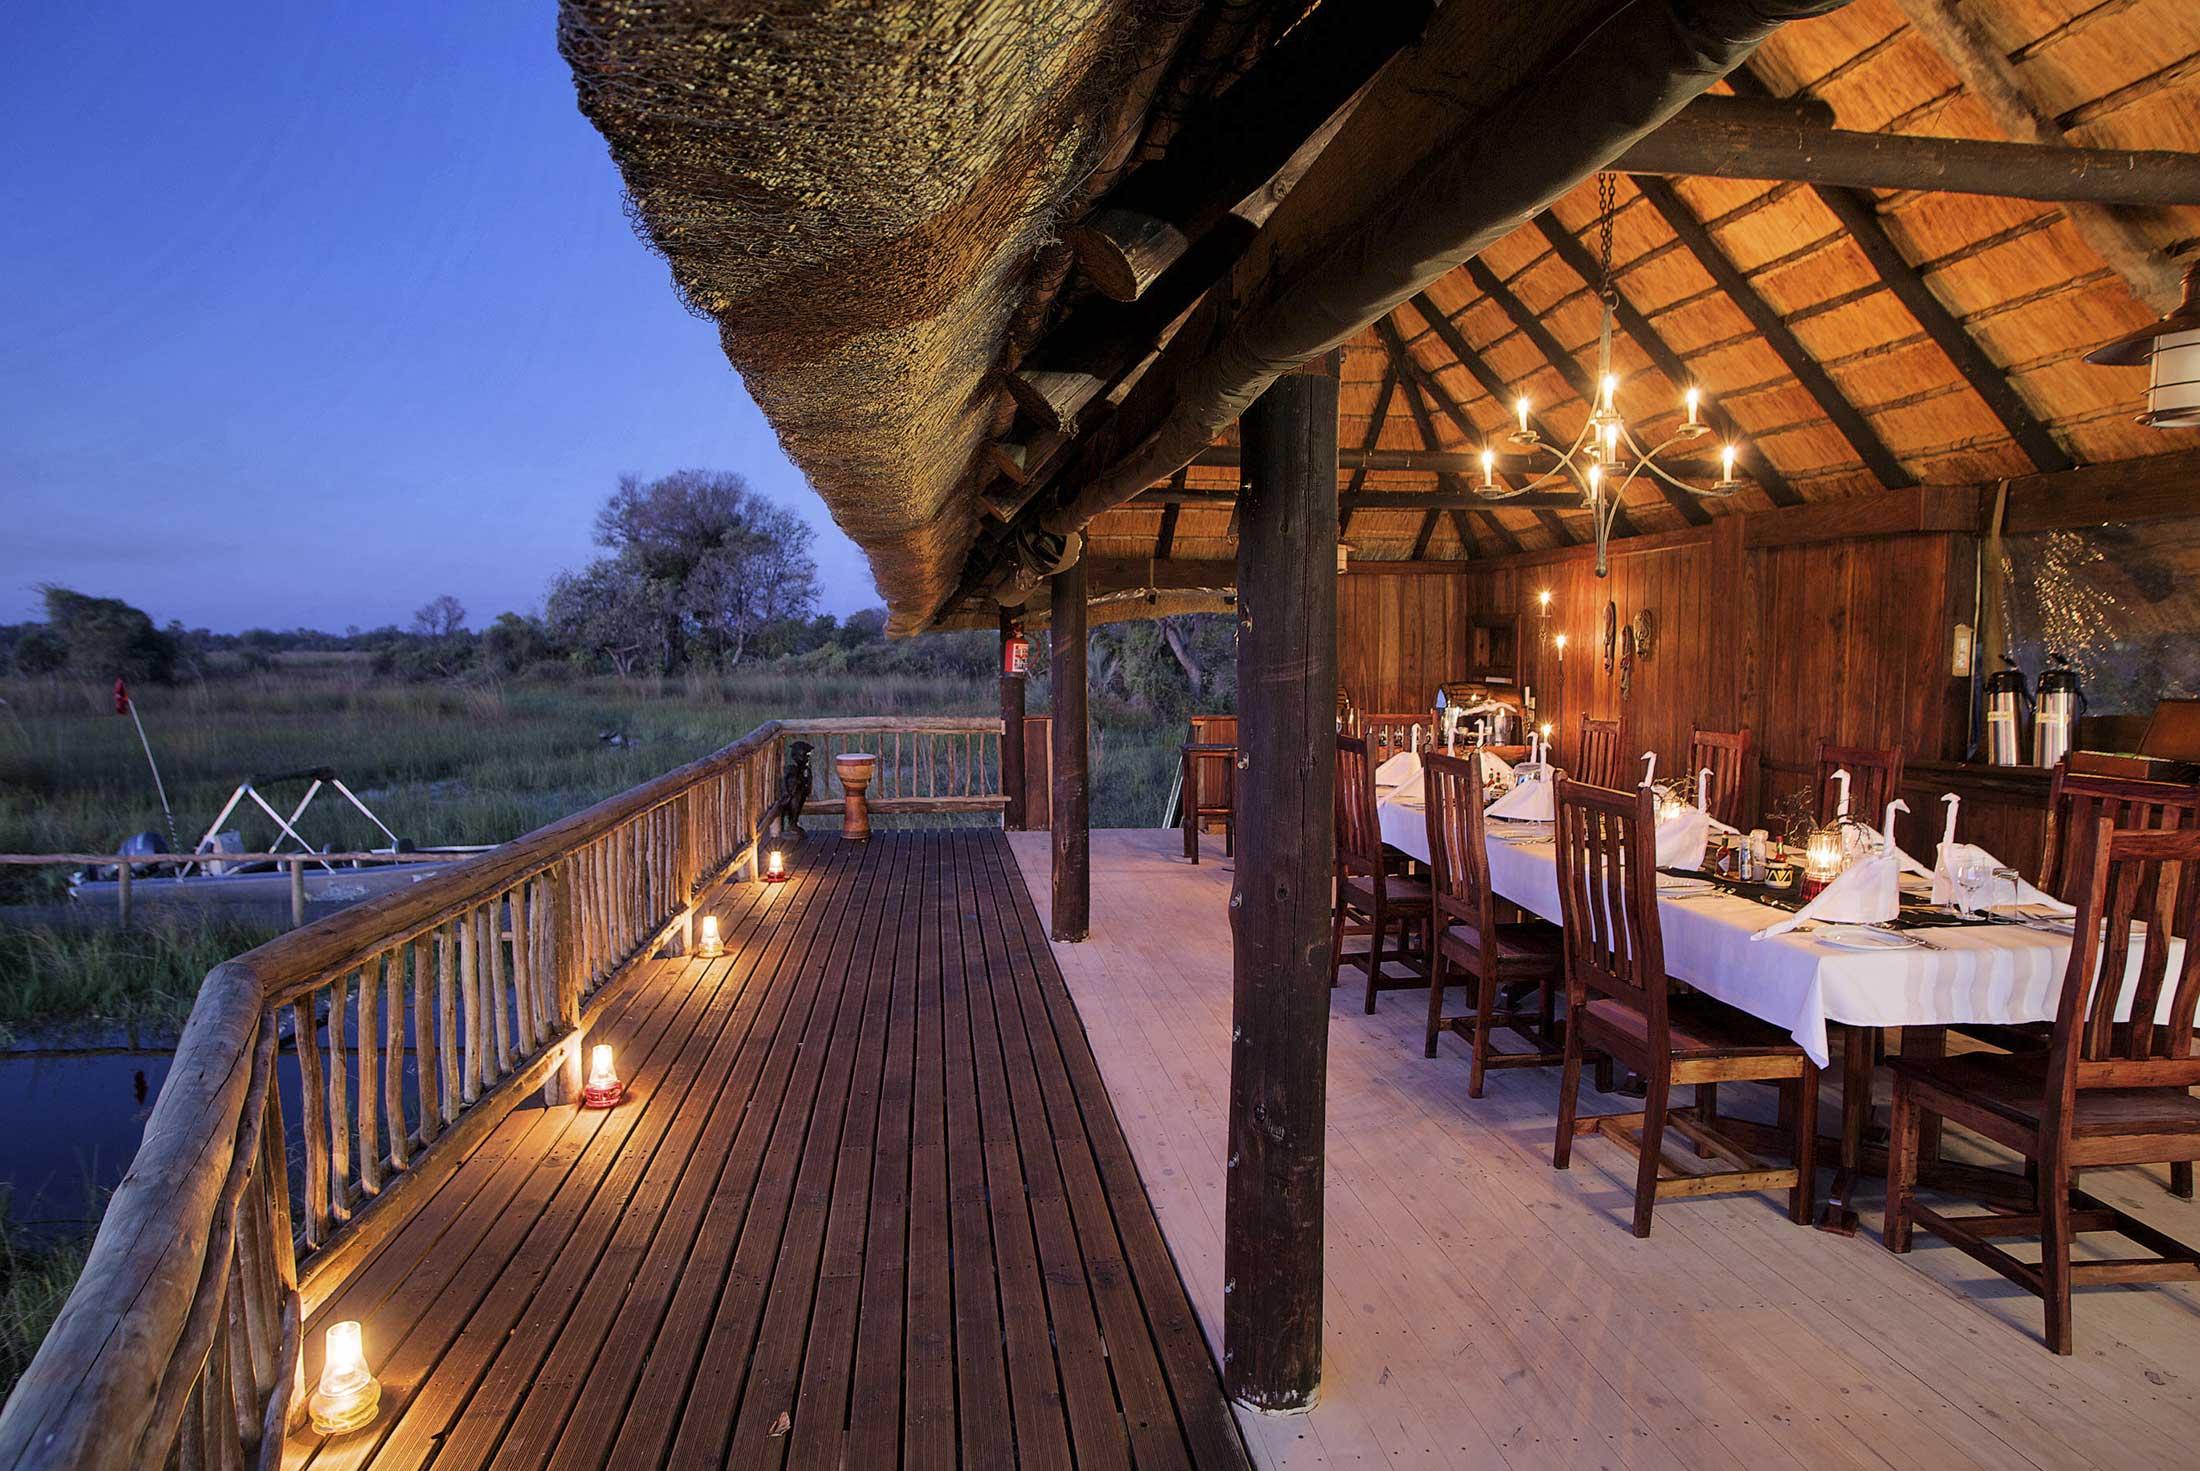 Okavango Delta Experience - Independent 4